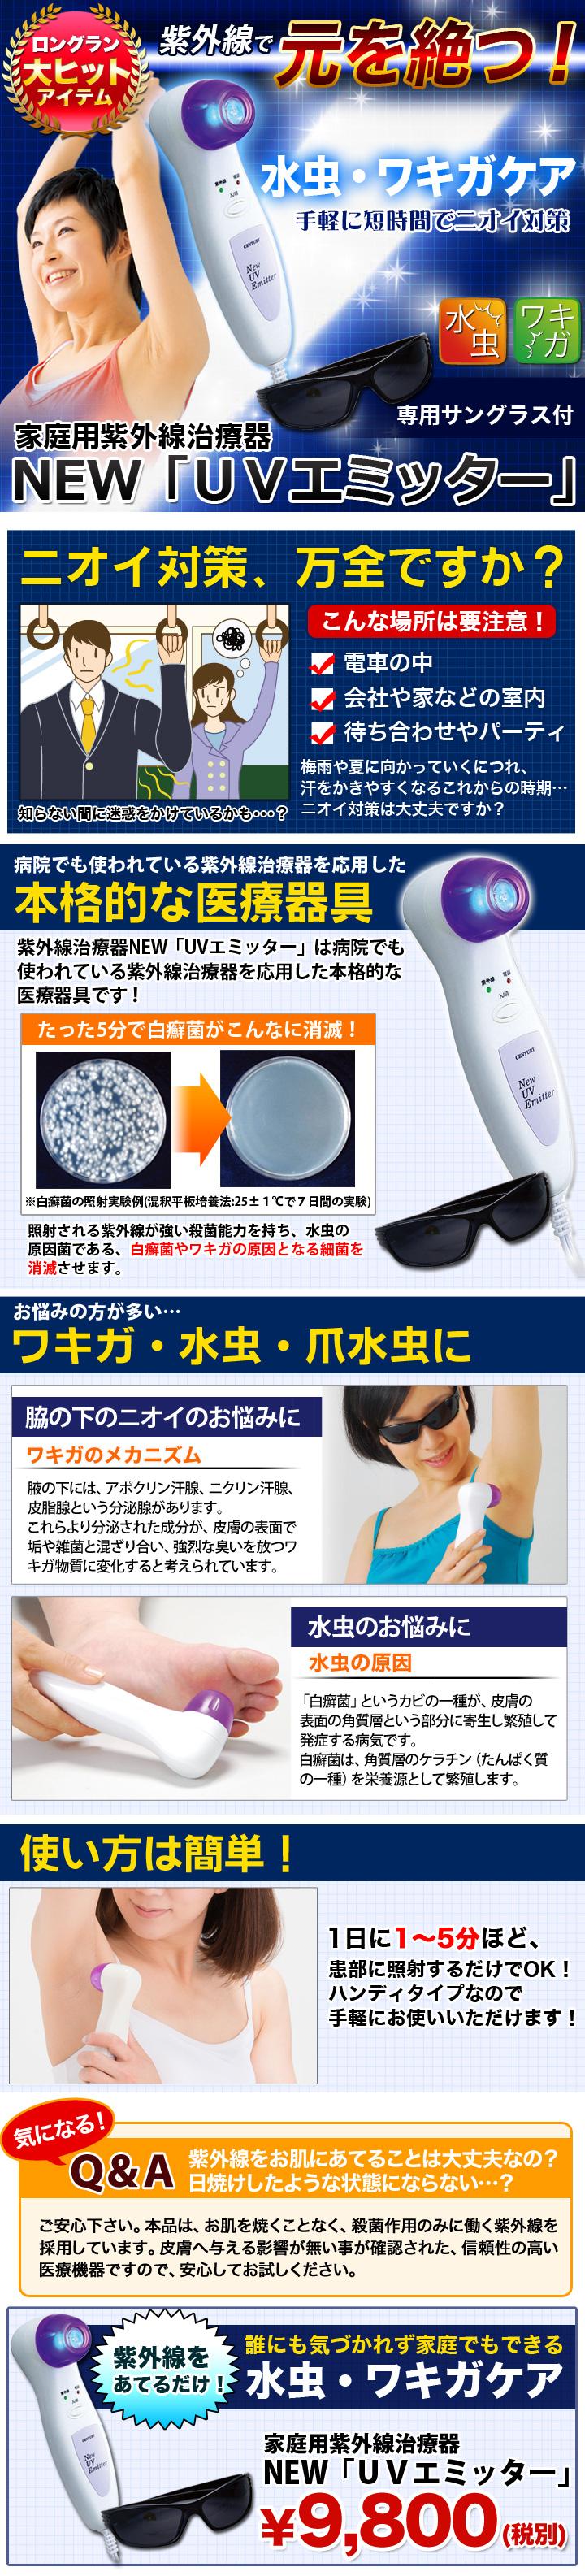 家庭用紫外線治療器NEW 「UVエミッター」